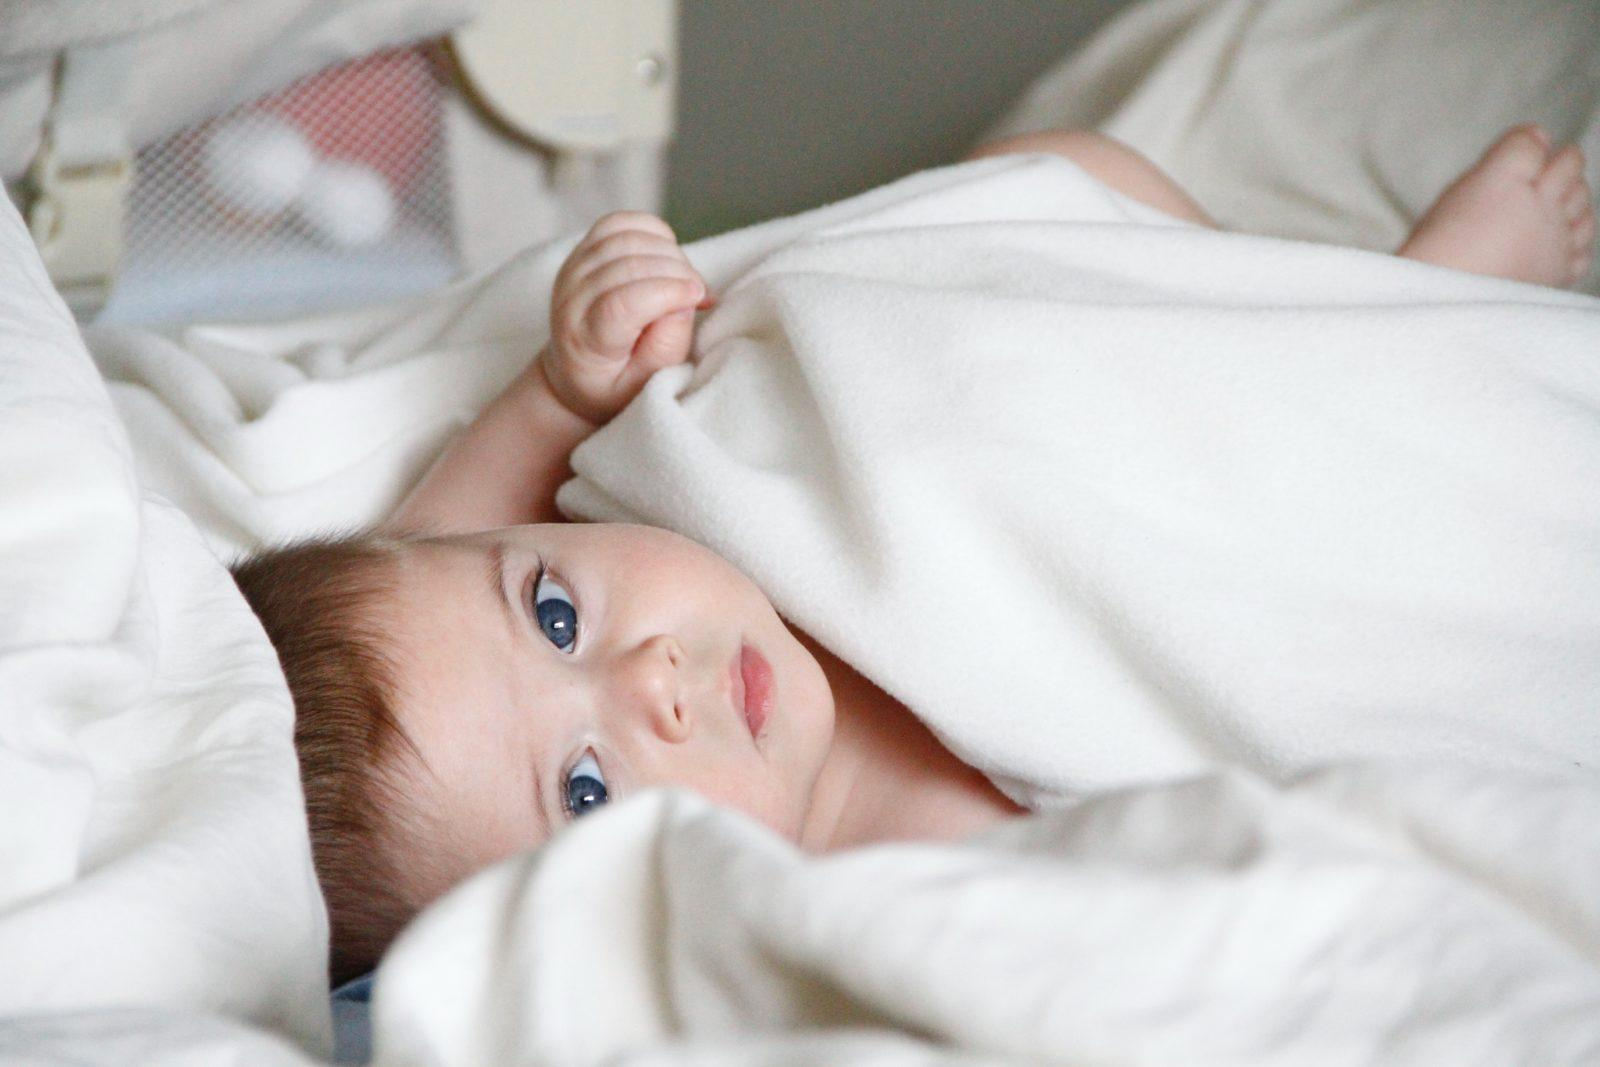 Суррогатное материнство: реальные плюсы и минусы